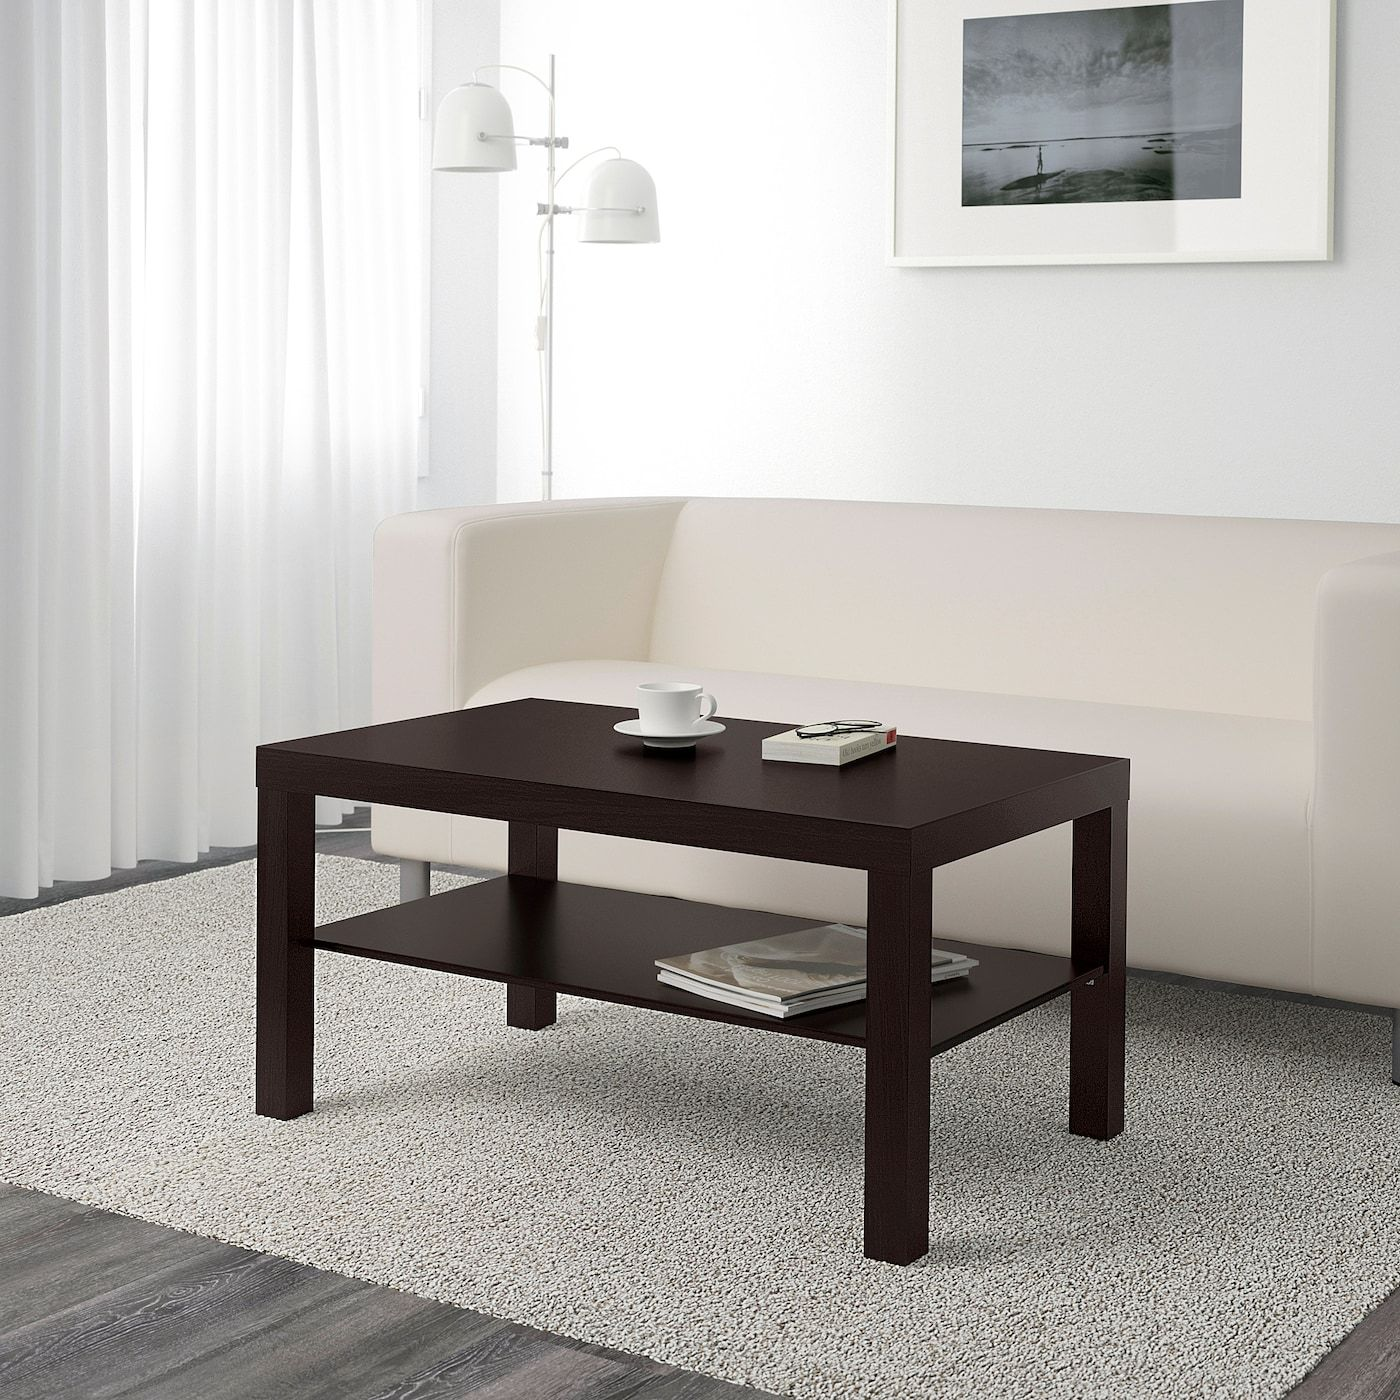 Lack Coffee Table Black Brown 353 8x215 8 90x55 Cm Ikea Ikea Beistelltisch Wohnzimmertische Couchtisch